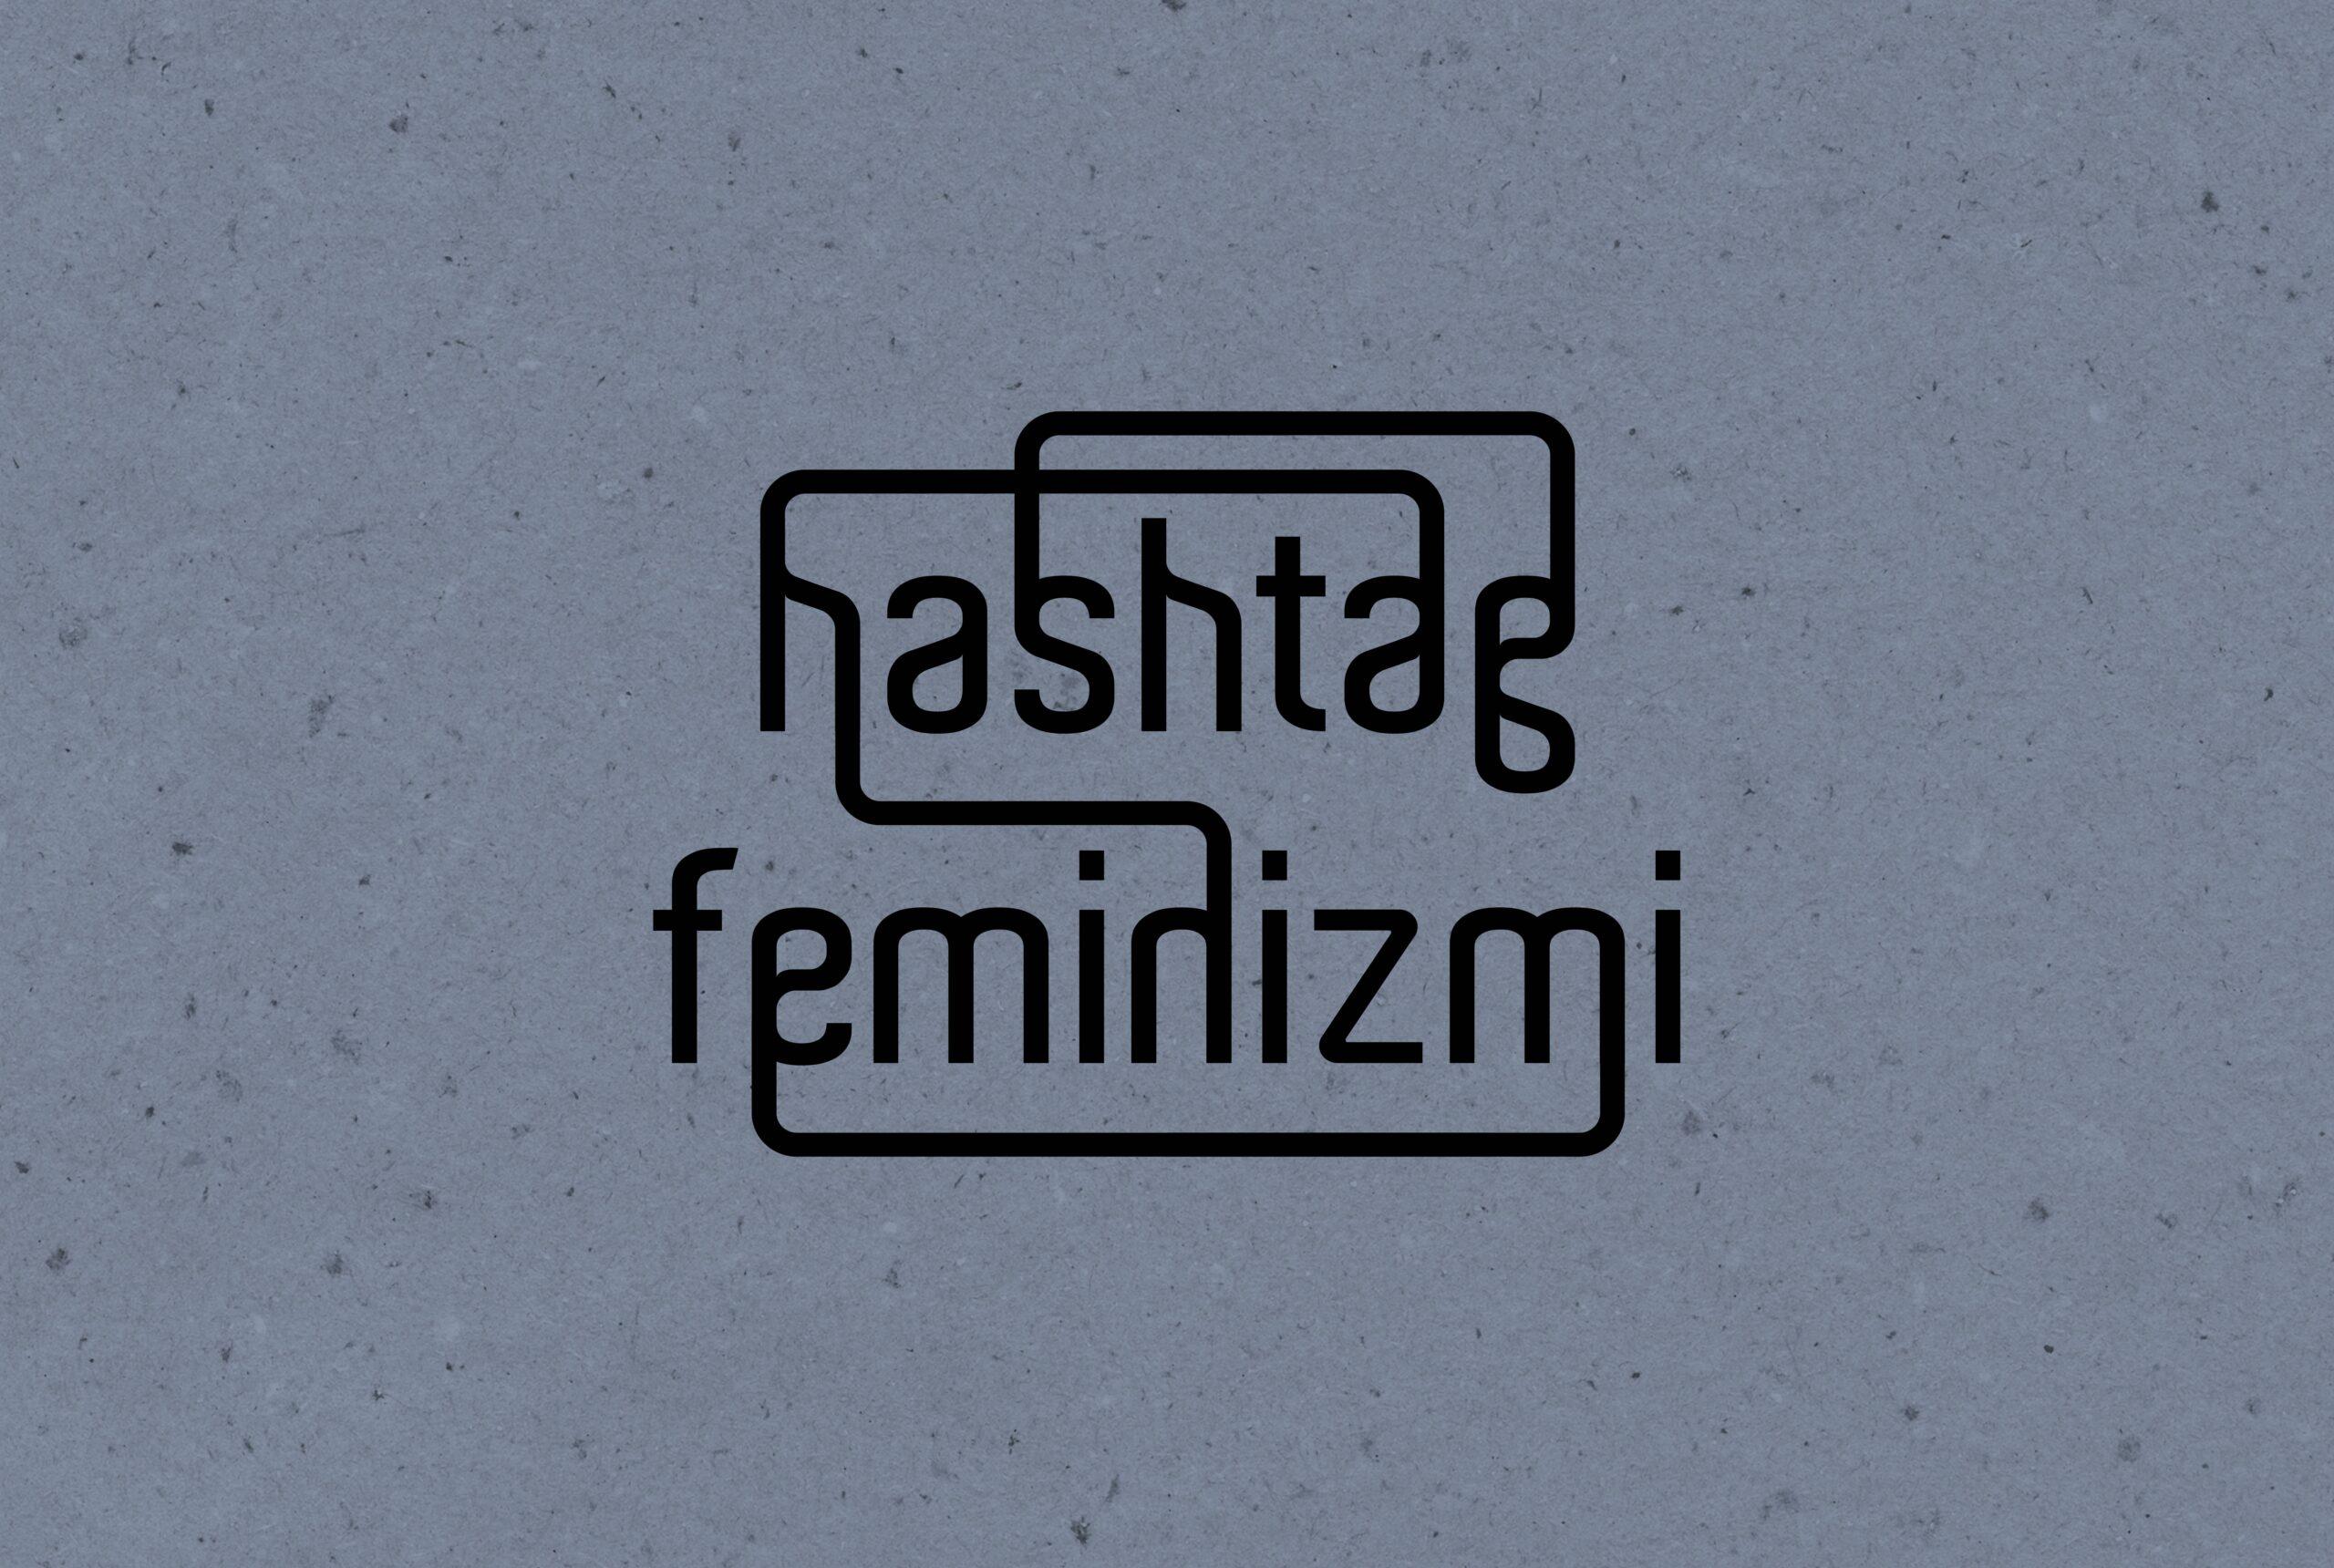 Hashtag Feminizmi